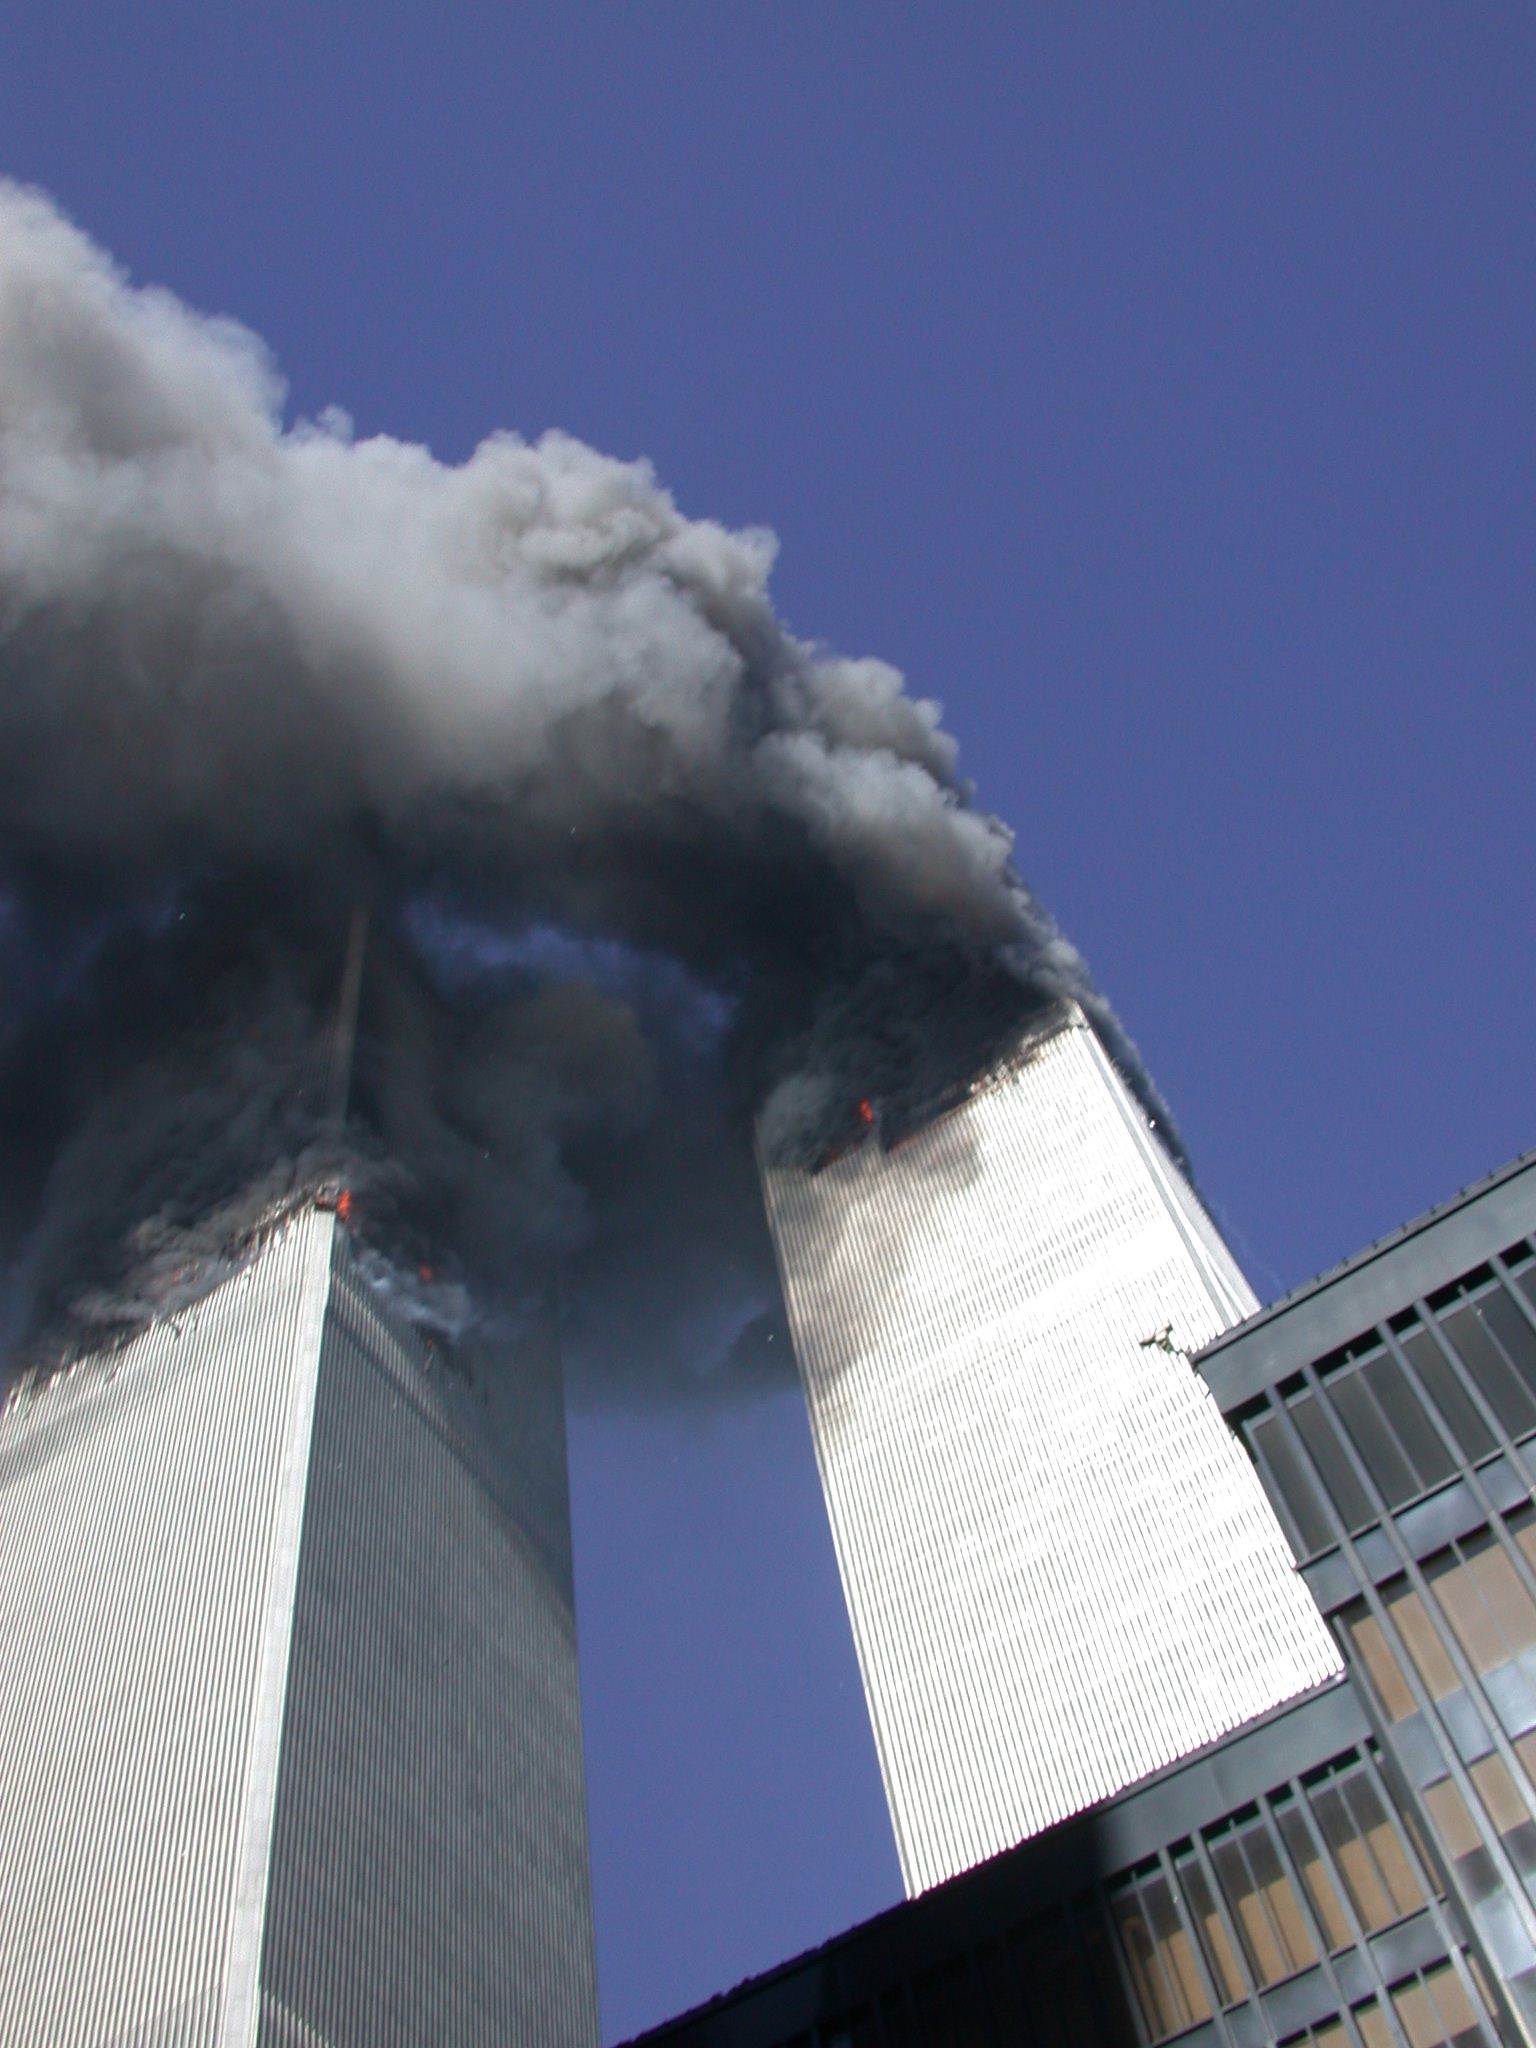 Khói đen bao trùm tòa tháp Trung tâm Thương mại Thế giới trong vụ tấn công ngày 11/9. Ảnh: Twitter/@SecretService.